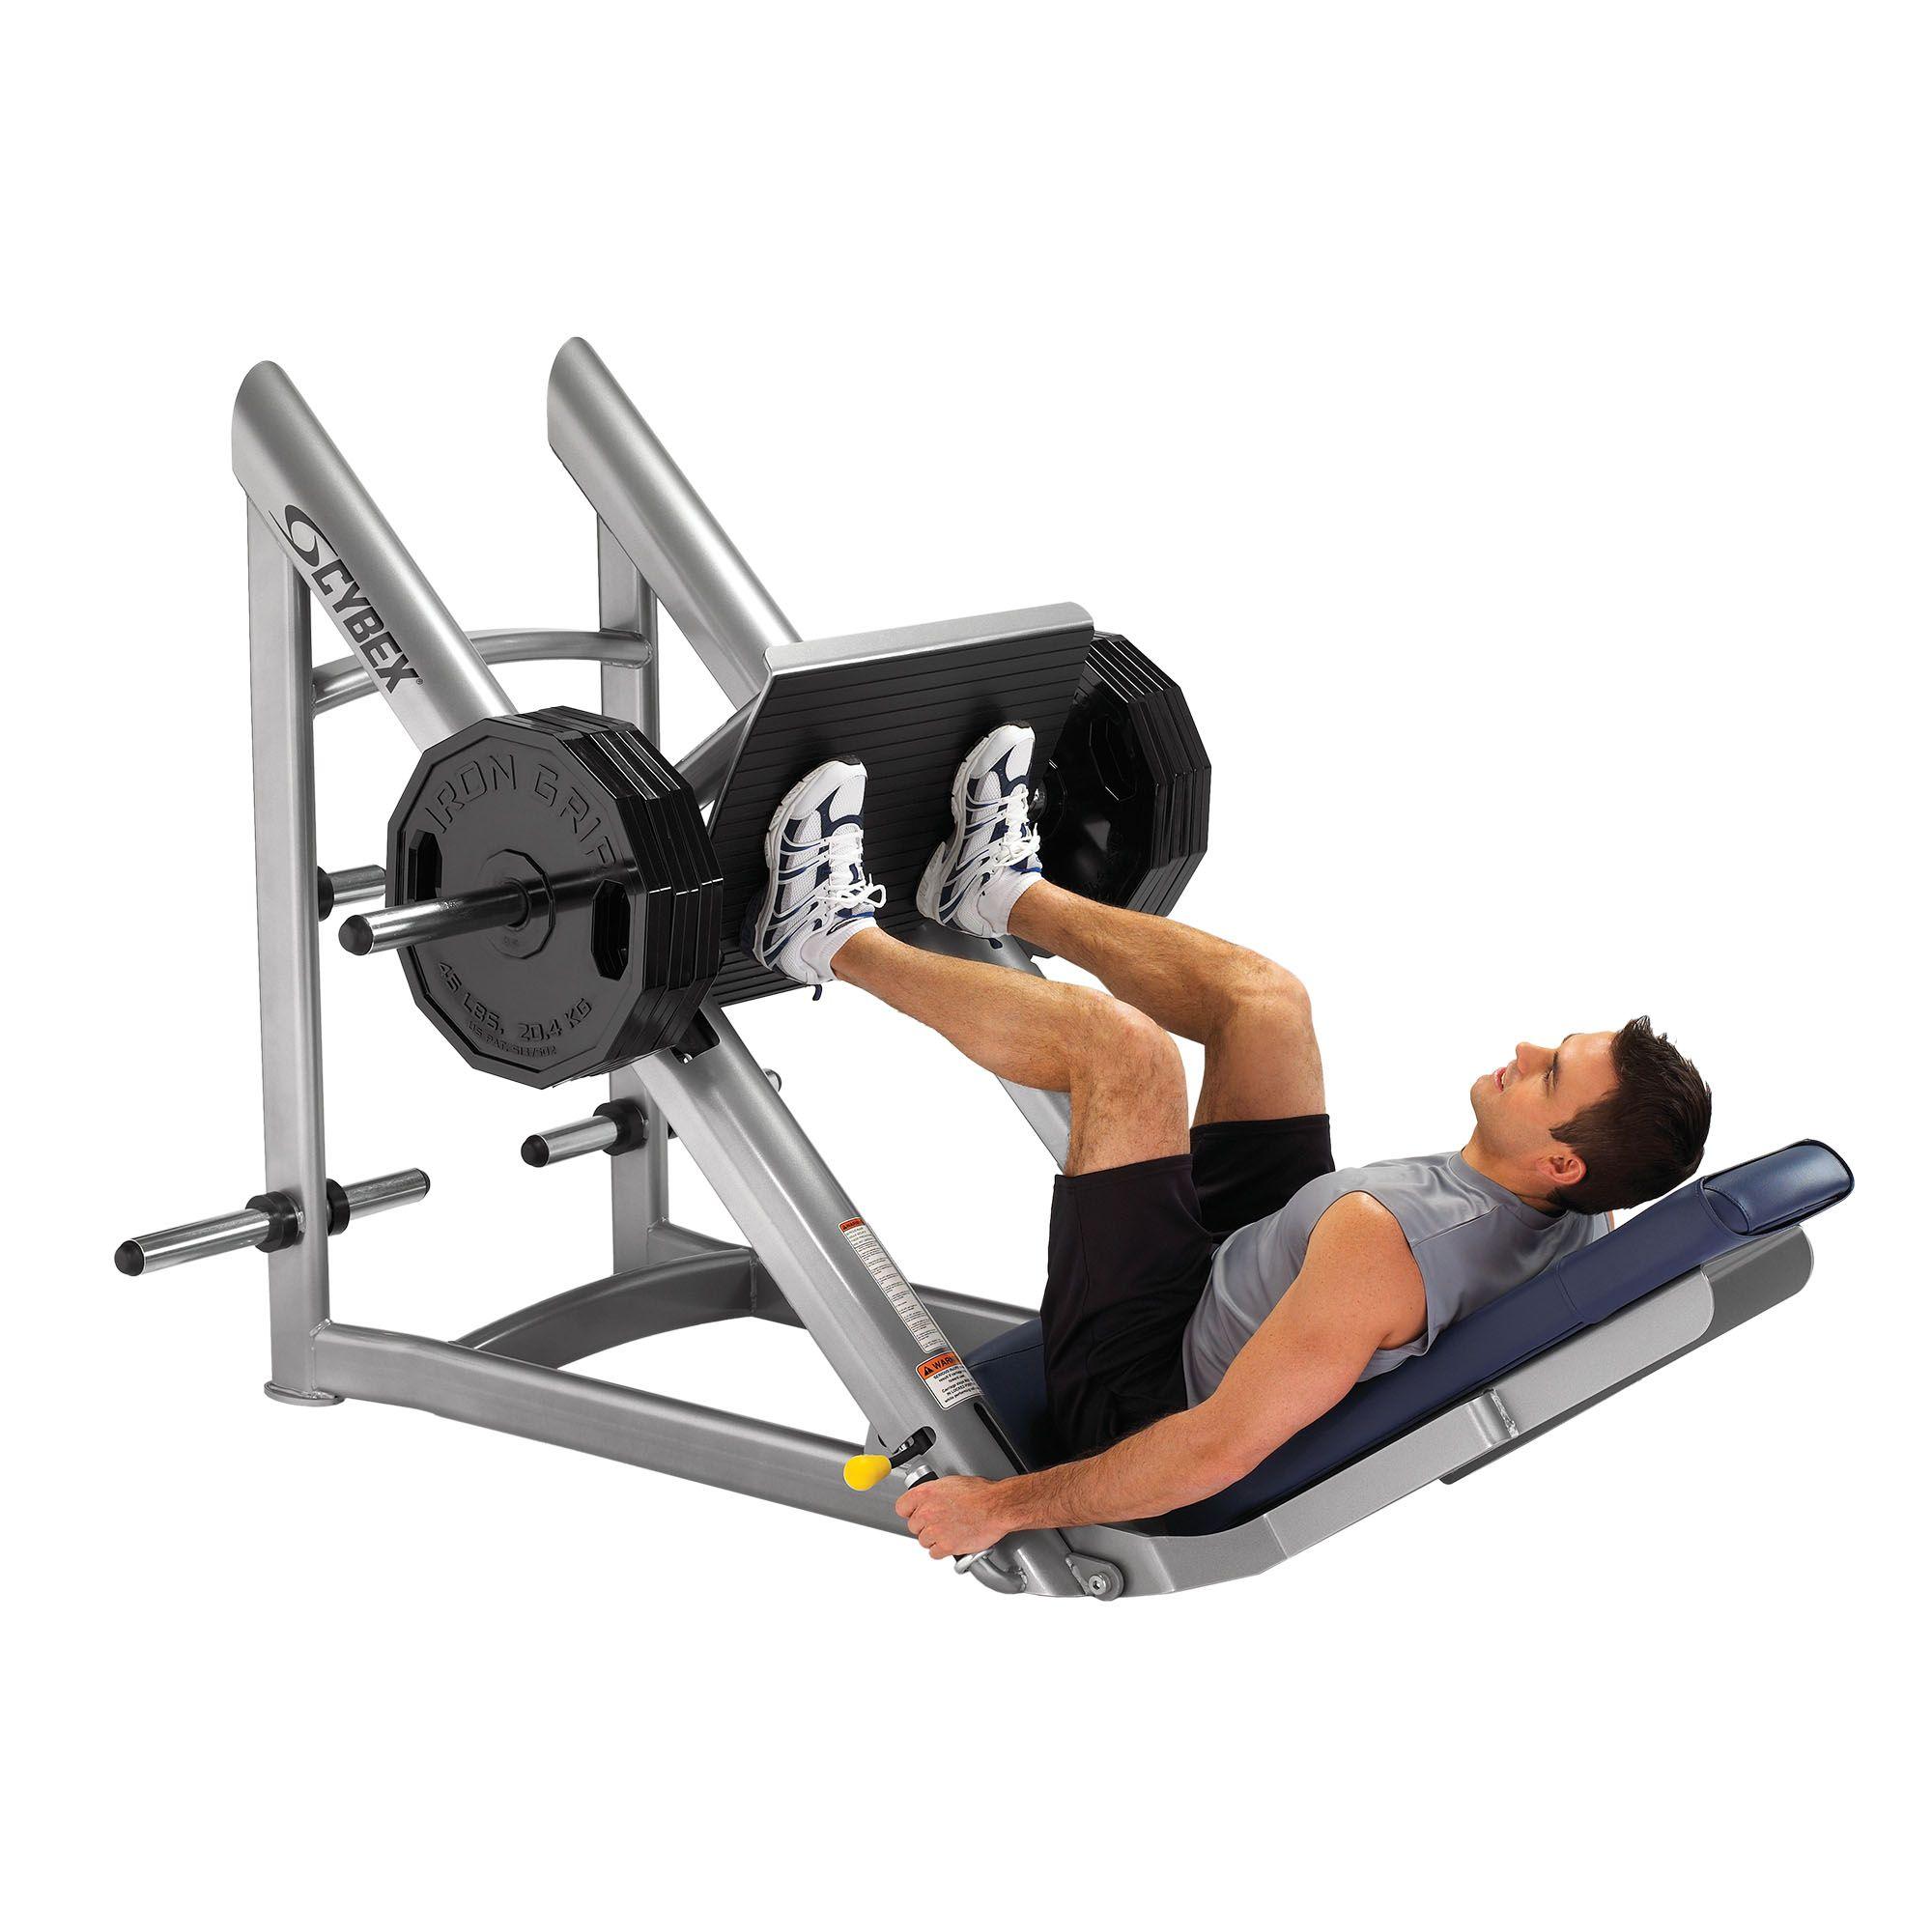 Home Gym Equipment Canada